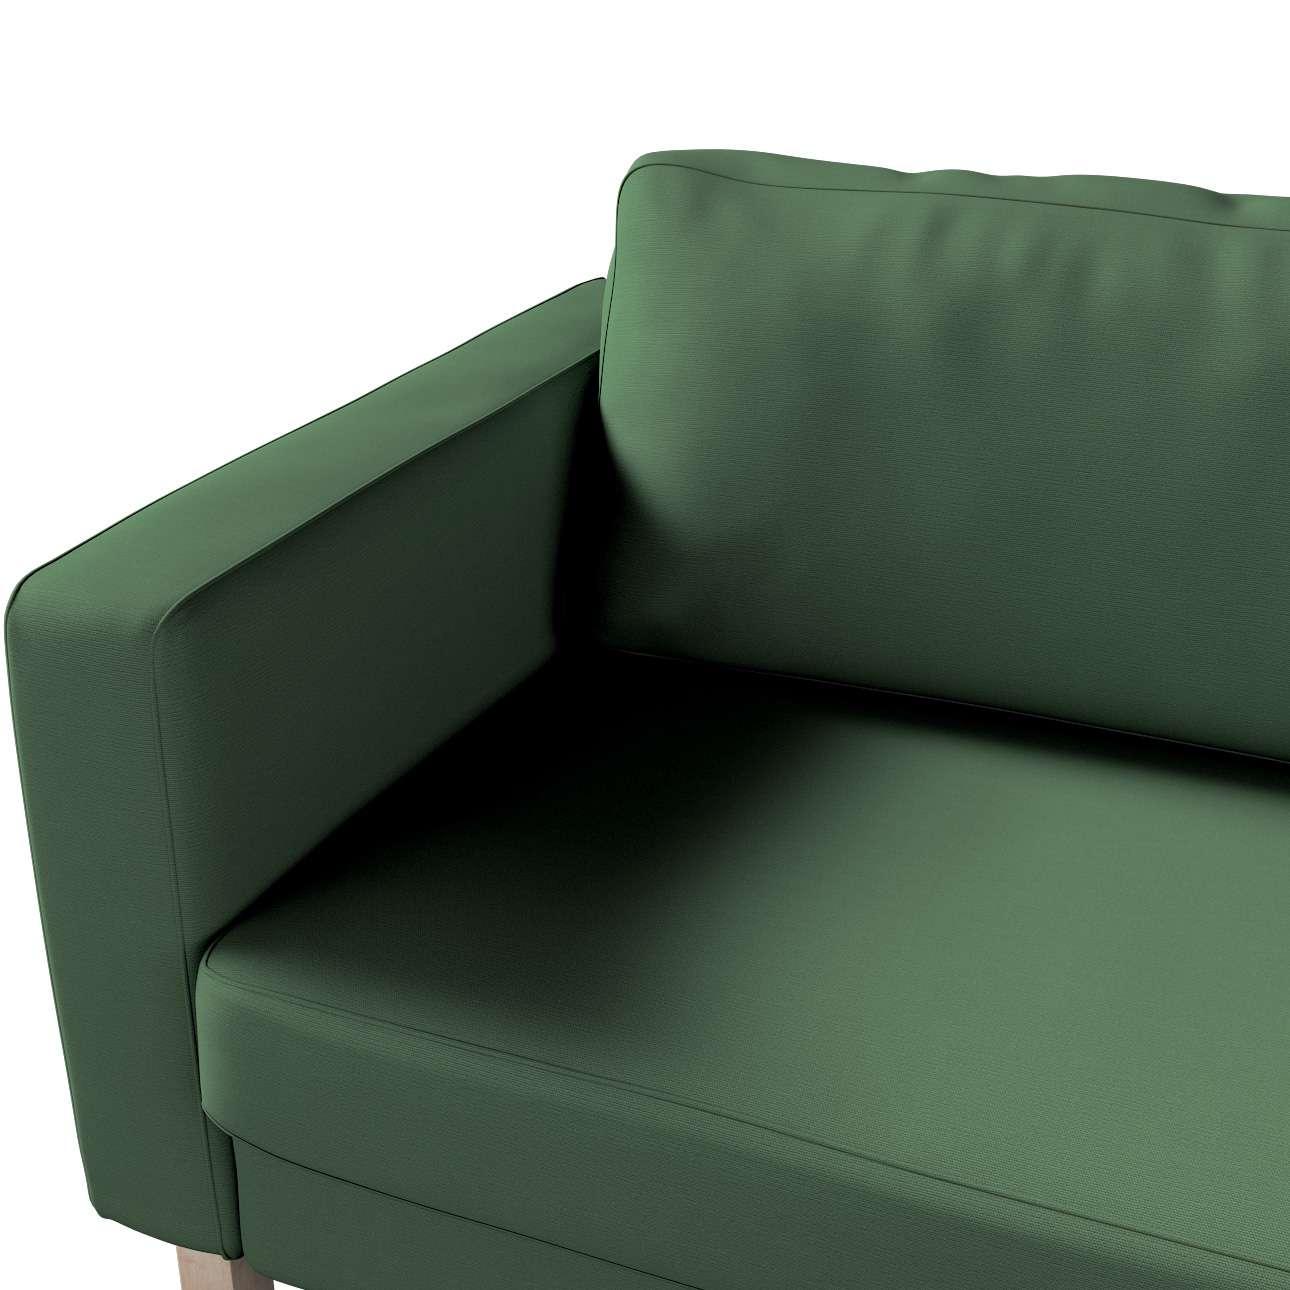 Pokrowiec na sofę Karlstad 3-osobową nierozkładaną, krótki w kolekcji Cotton Panama, tkanina: 702-06